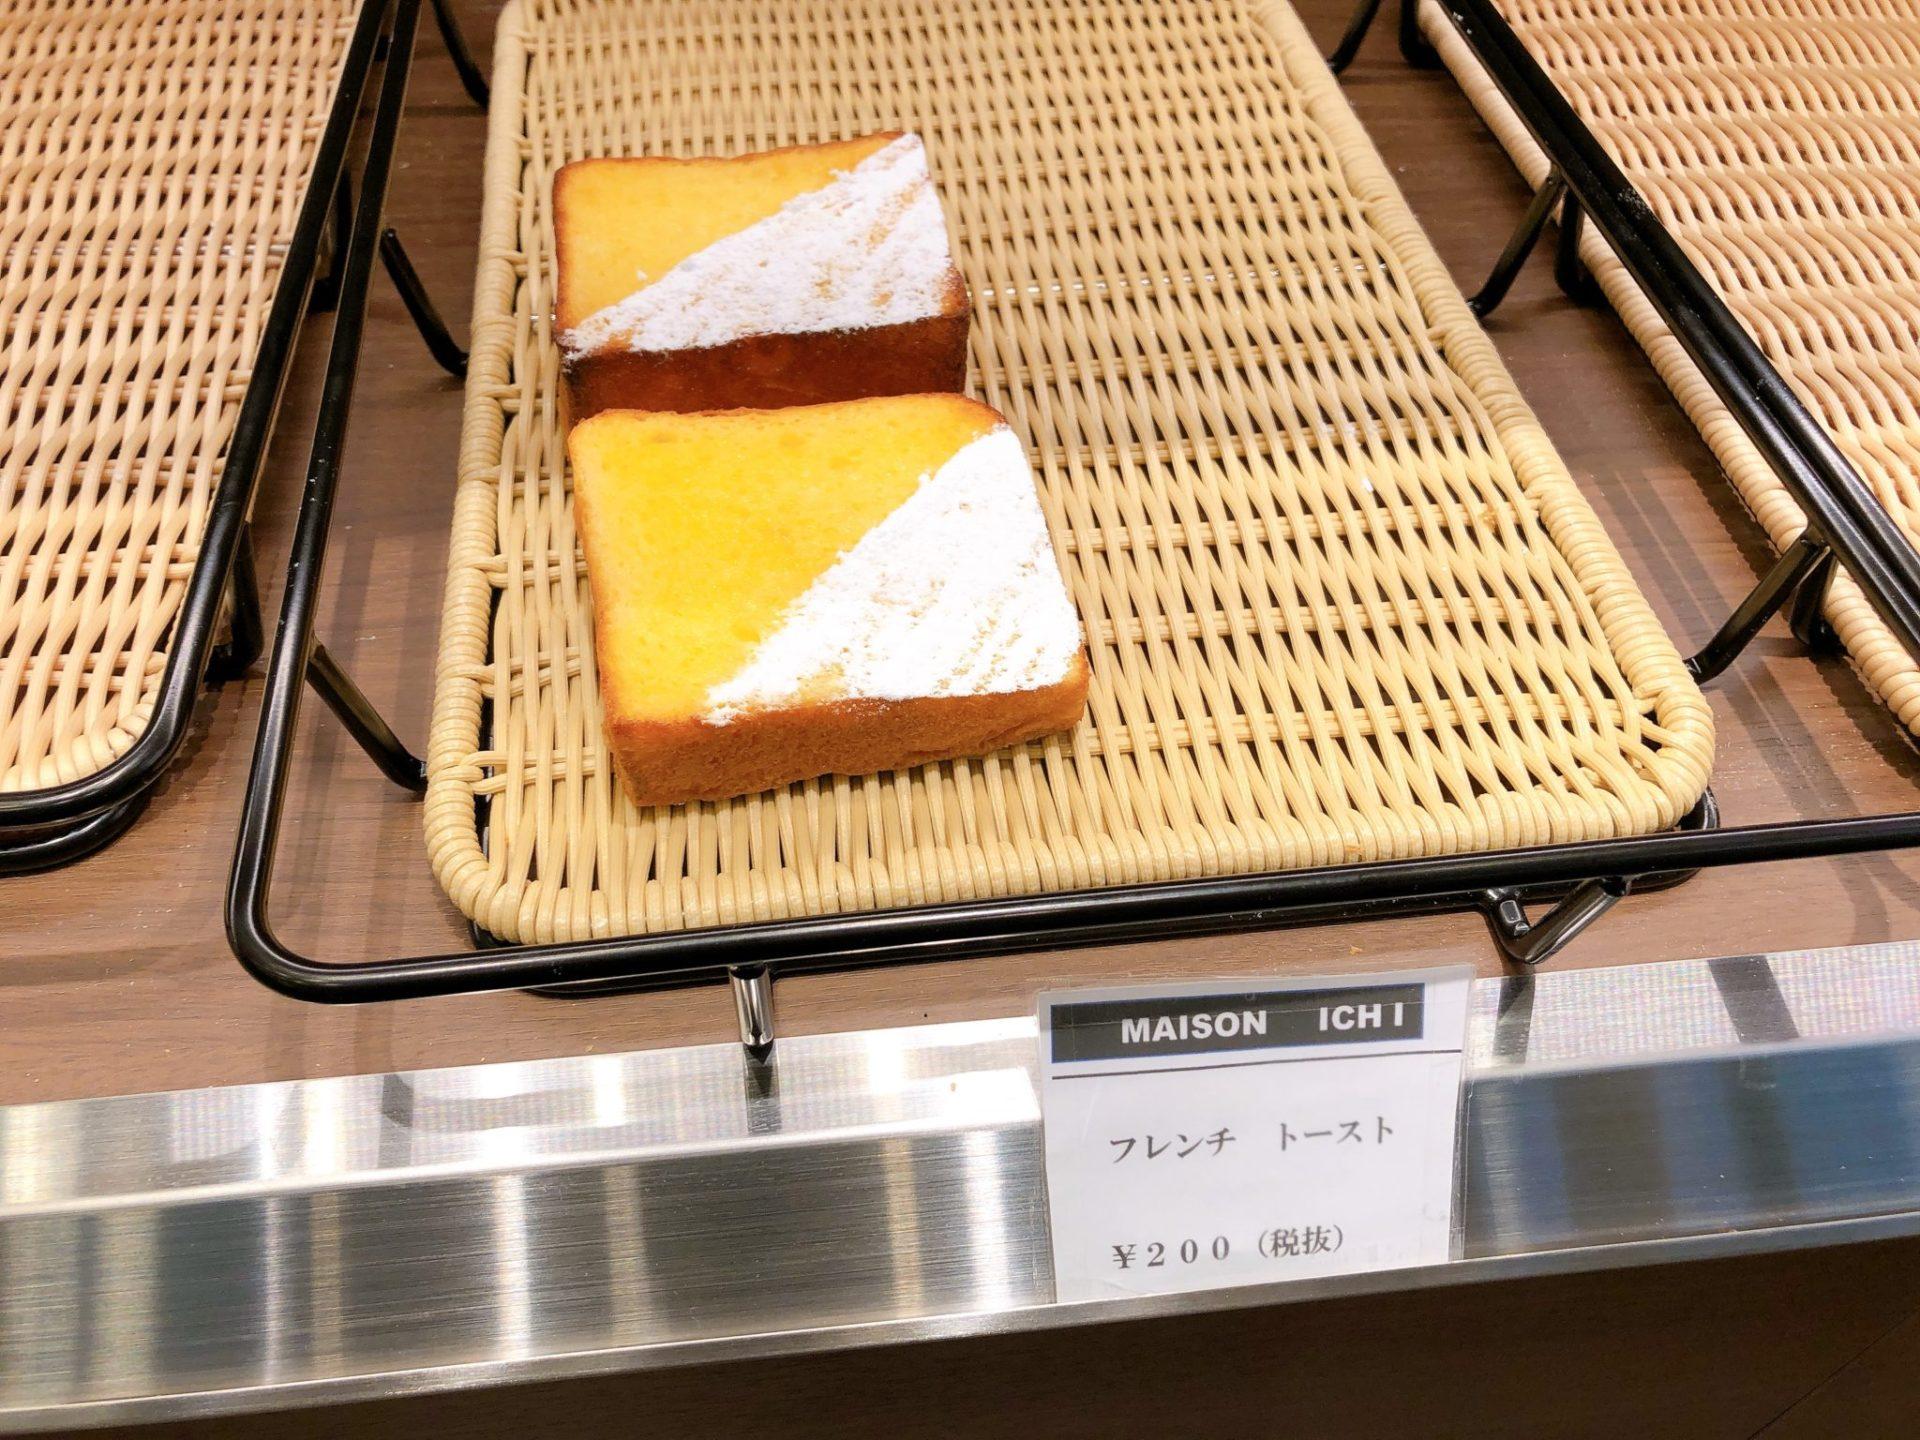 メゾン・イチ経堂店のフレンチトースト